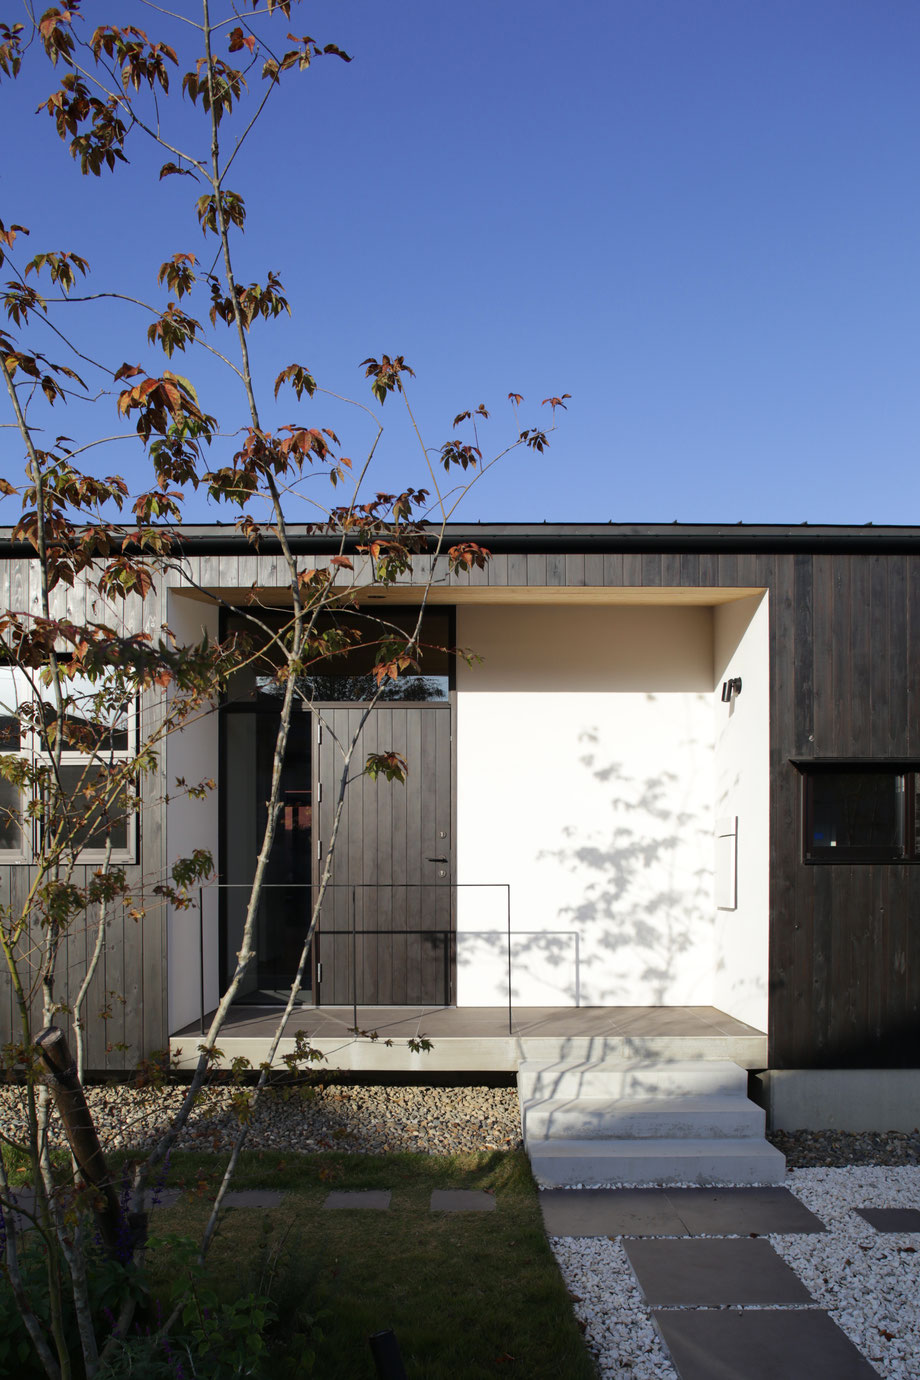 新潟県上越市の設計事務所、中島智幸建築設計一級建築士事務所が設計監理を行った「上越の家 -暮らしを守る平屋」です。外壁の杉板と白壁と青空のコントラストがとても綺麗な平屋です。大判(600各)タイルの玄関アプローチは、訪れる人々を優しく誘導します。